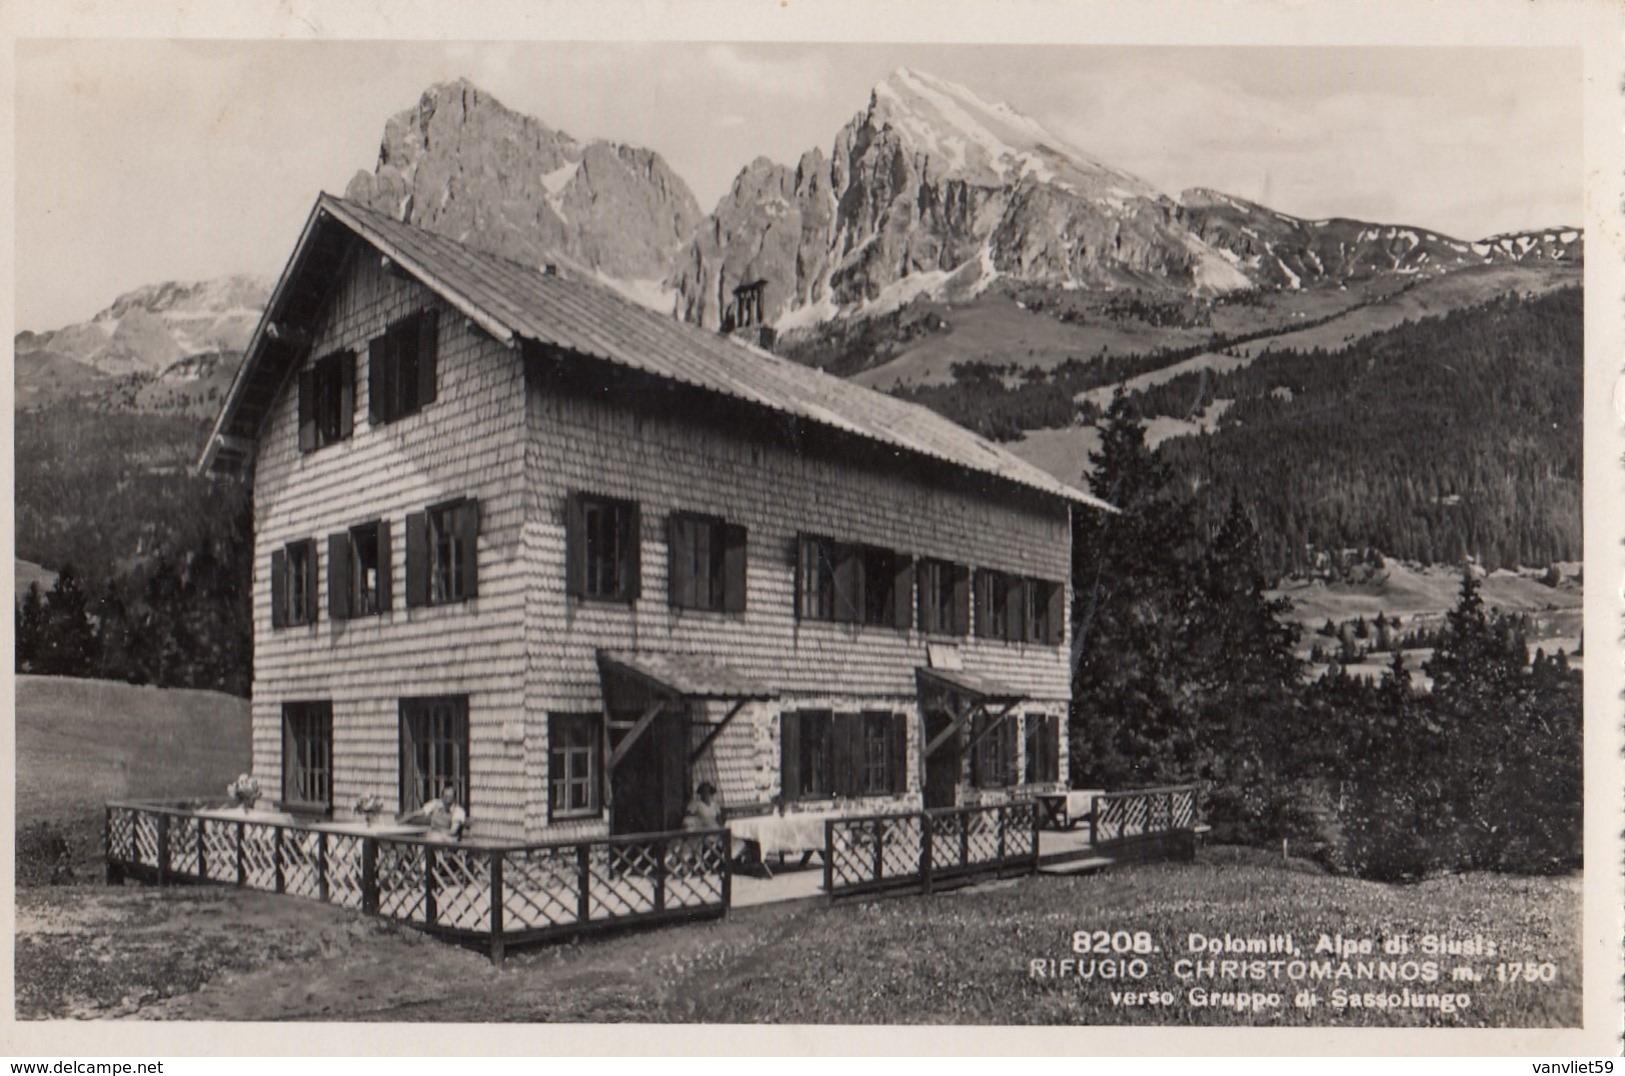 ALPE DI SIUSI-BOZEN-BOLZANO-RIFUGIO=CHRISTOMANNOS=CARTOLINA VERA FOTOGRAFIA-VIAGGIATA IL 21-8-1950 - Bolzano (Bozen)